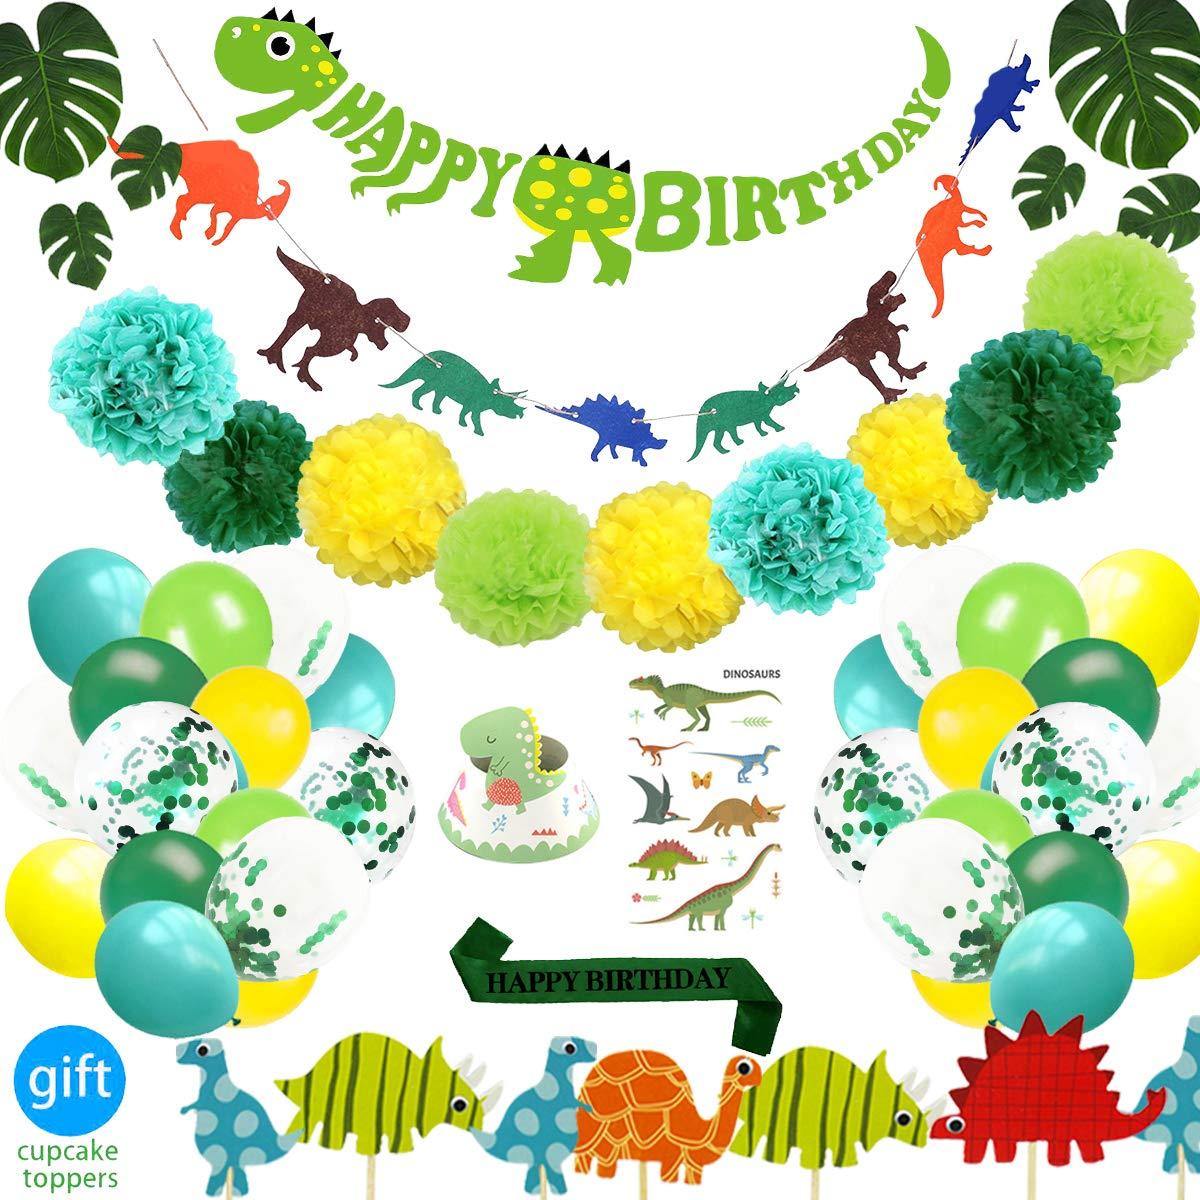 69 Pack Dinosaur Party Supplies Little Dino Party Decorations Satz für Kids Birthday Party, Kunst Shower, Bridal Shower Decorations durch Rezipo